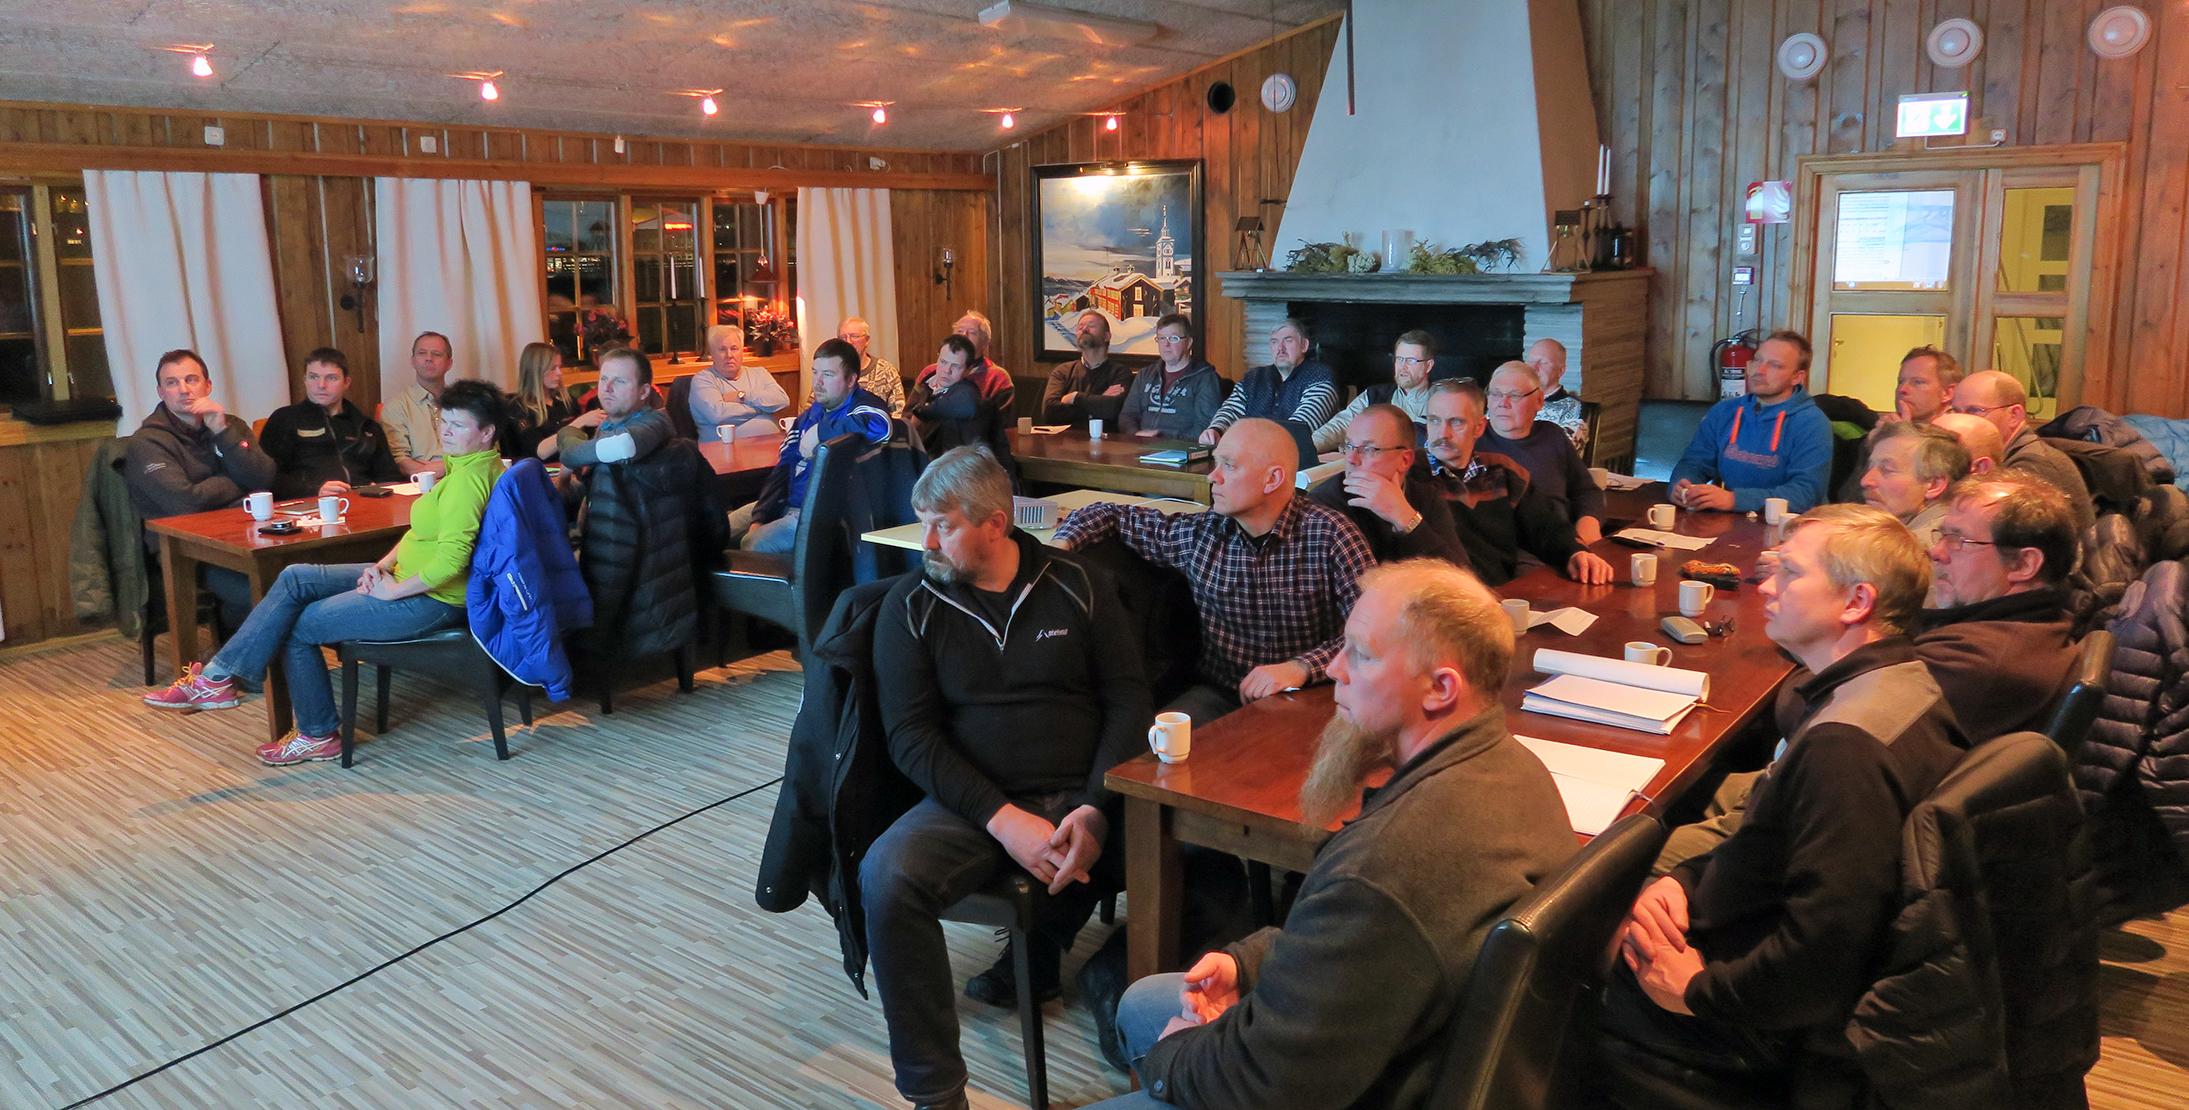 Det var stor oppslutning om rettighetshavermøtet torsdag kveld. Ute var det sprengkaldt med minus 30, inne på Idrettsparken Hotell var stemningen god. Foto: A. Nyaas